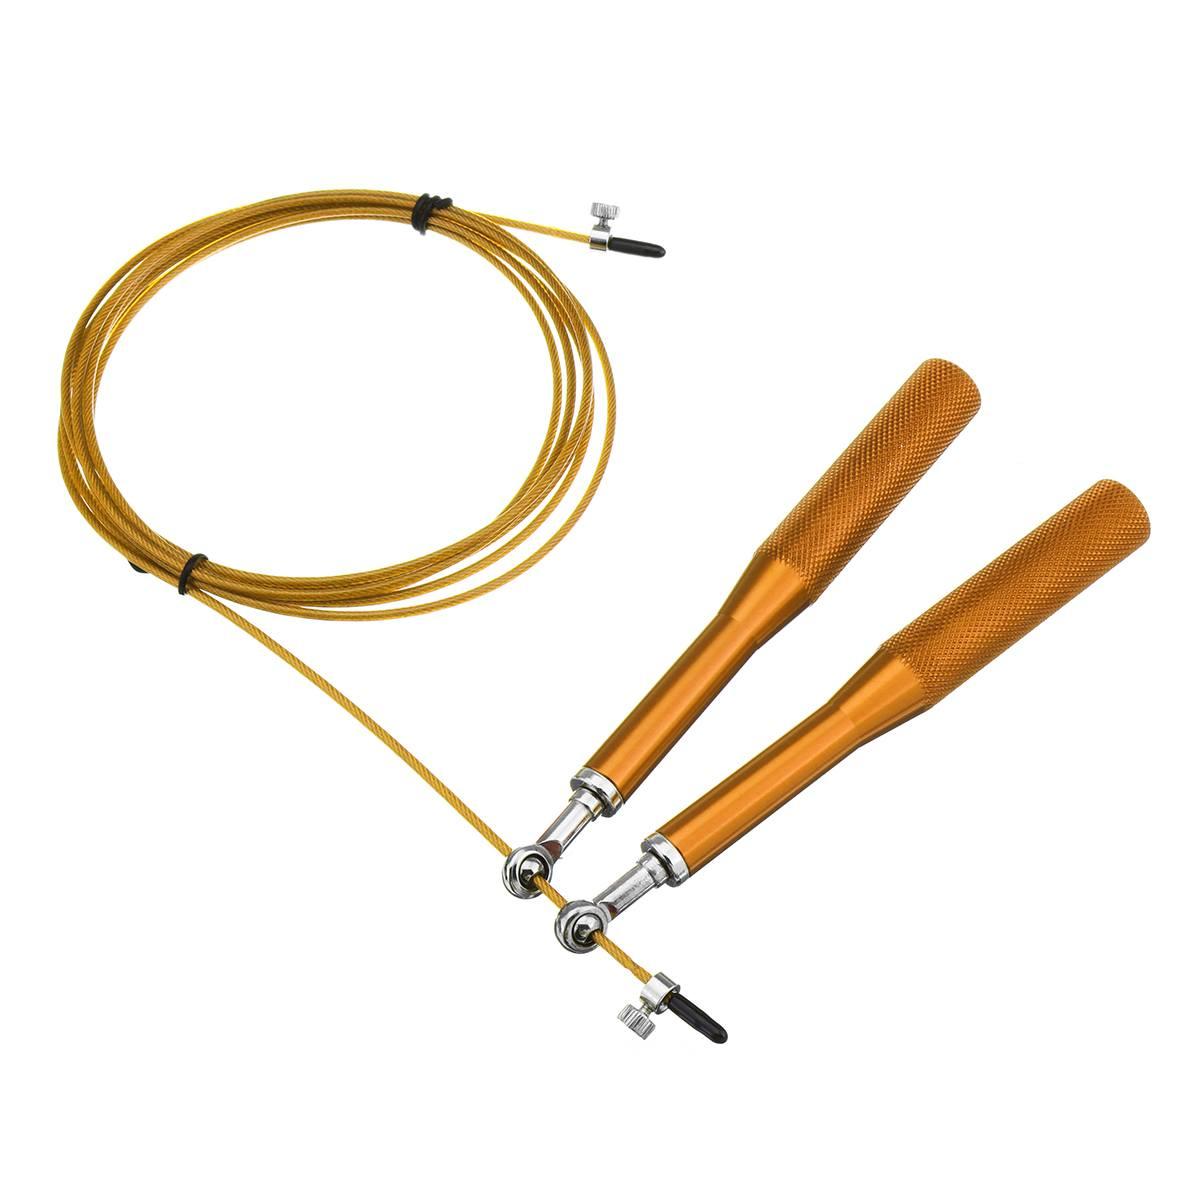 Pular corda ajustável pular corda formação de